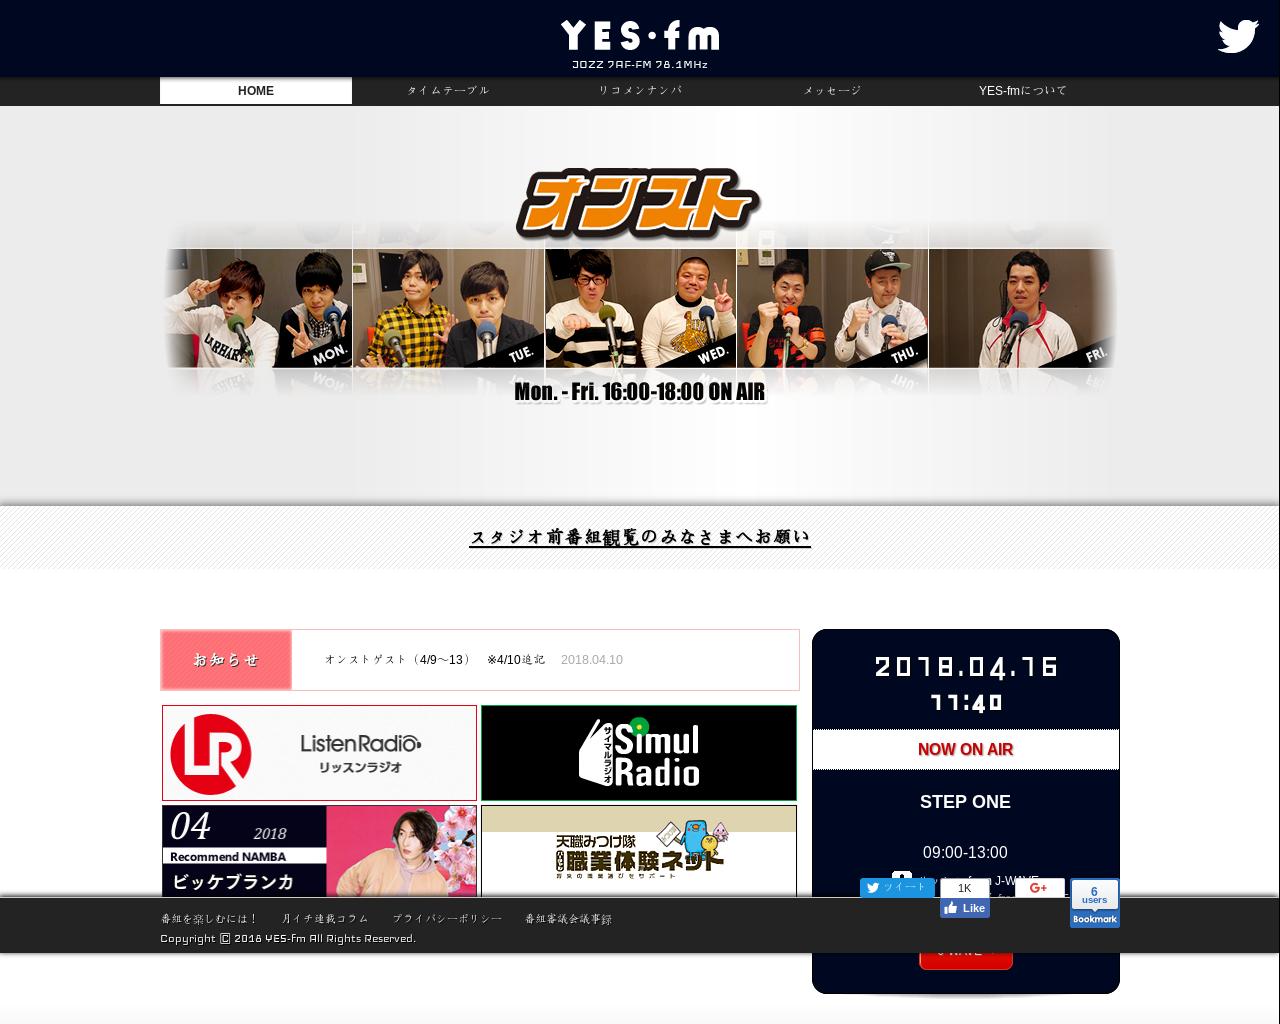 www.yesfm.jp(2018/04/16 11:40:41)